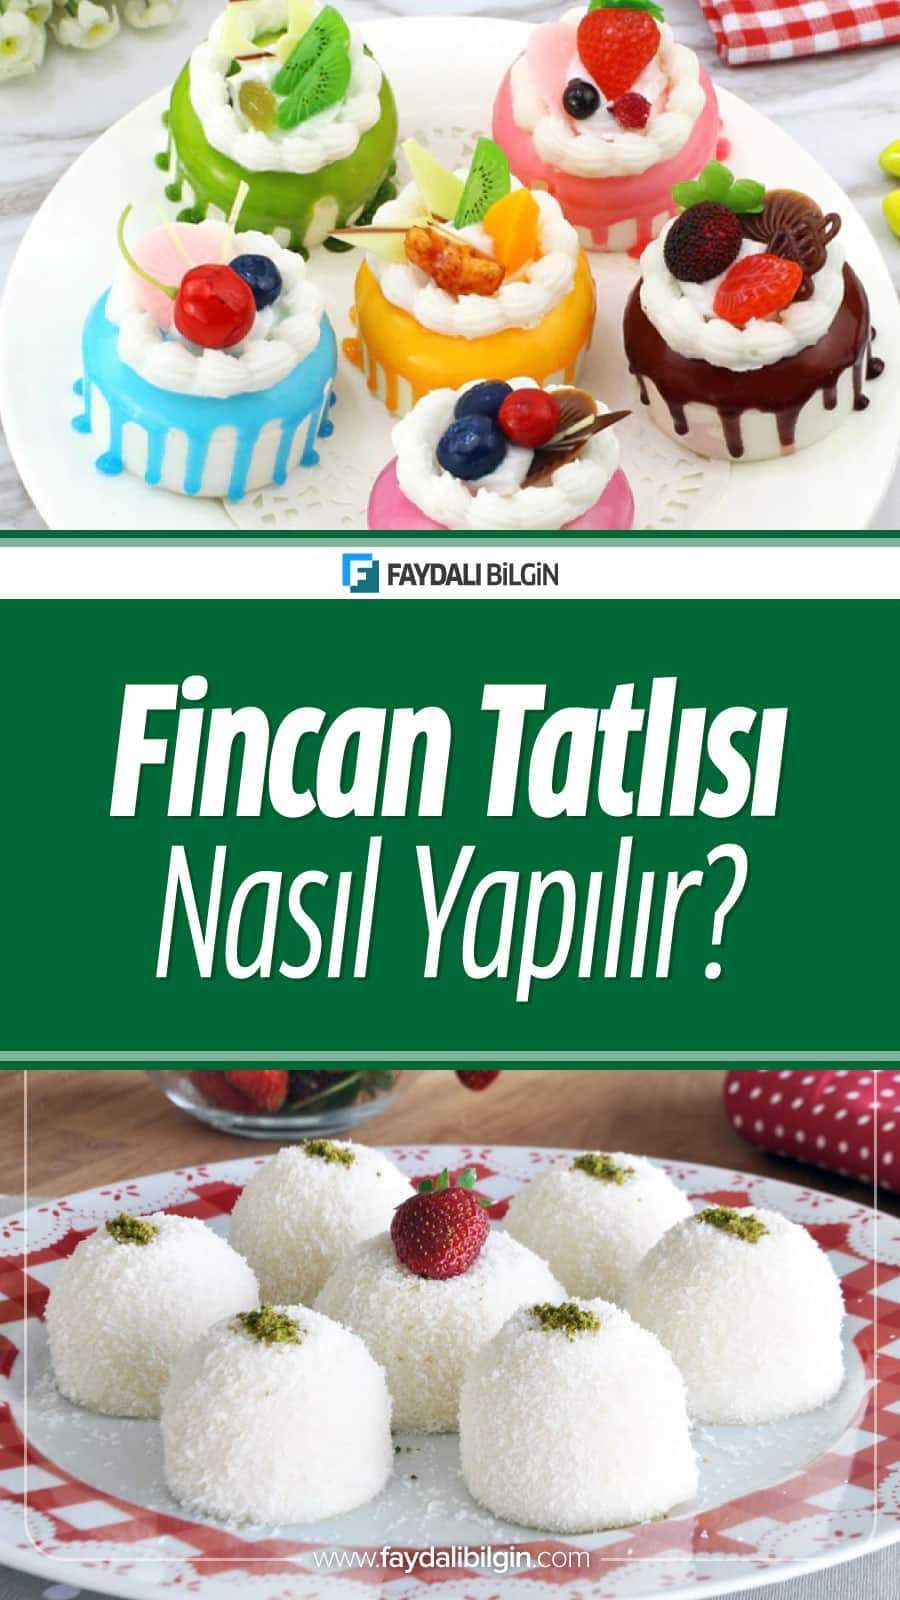 Nefis Yemek Tarifleri kanalının hazırladığı Fincan Tatlısı - Sütlü Pratik Tatlı Tarifi Nasıl Yapılır?